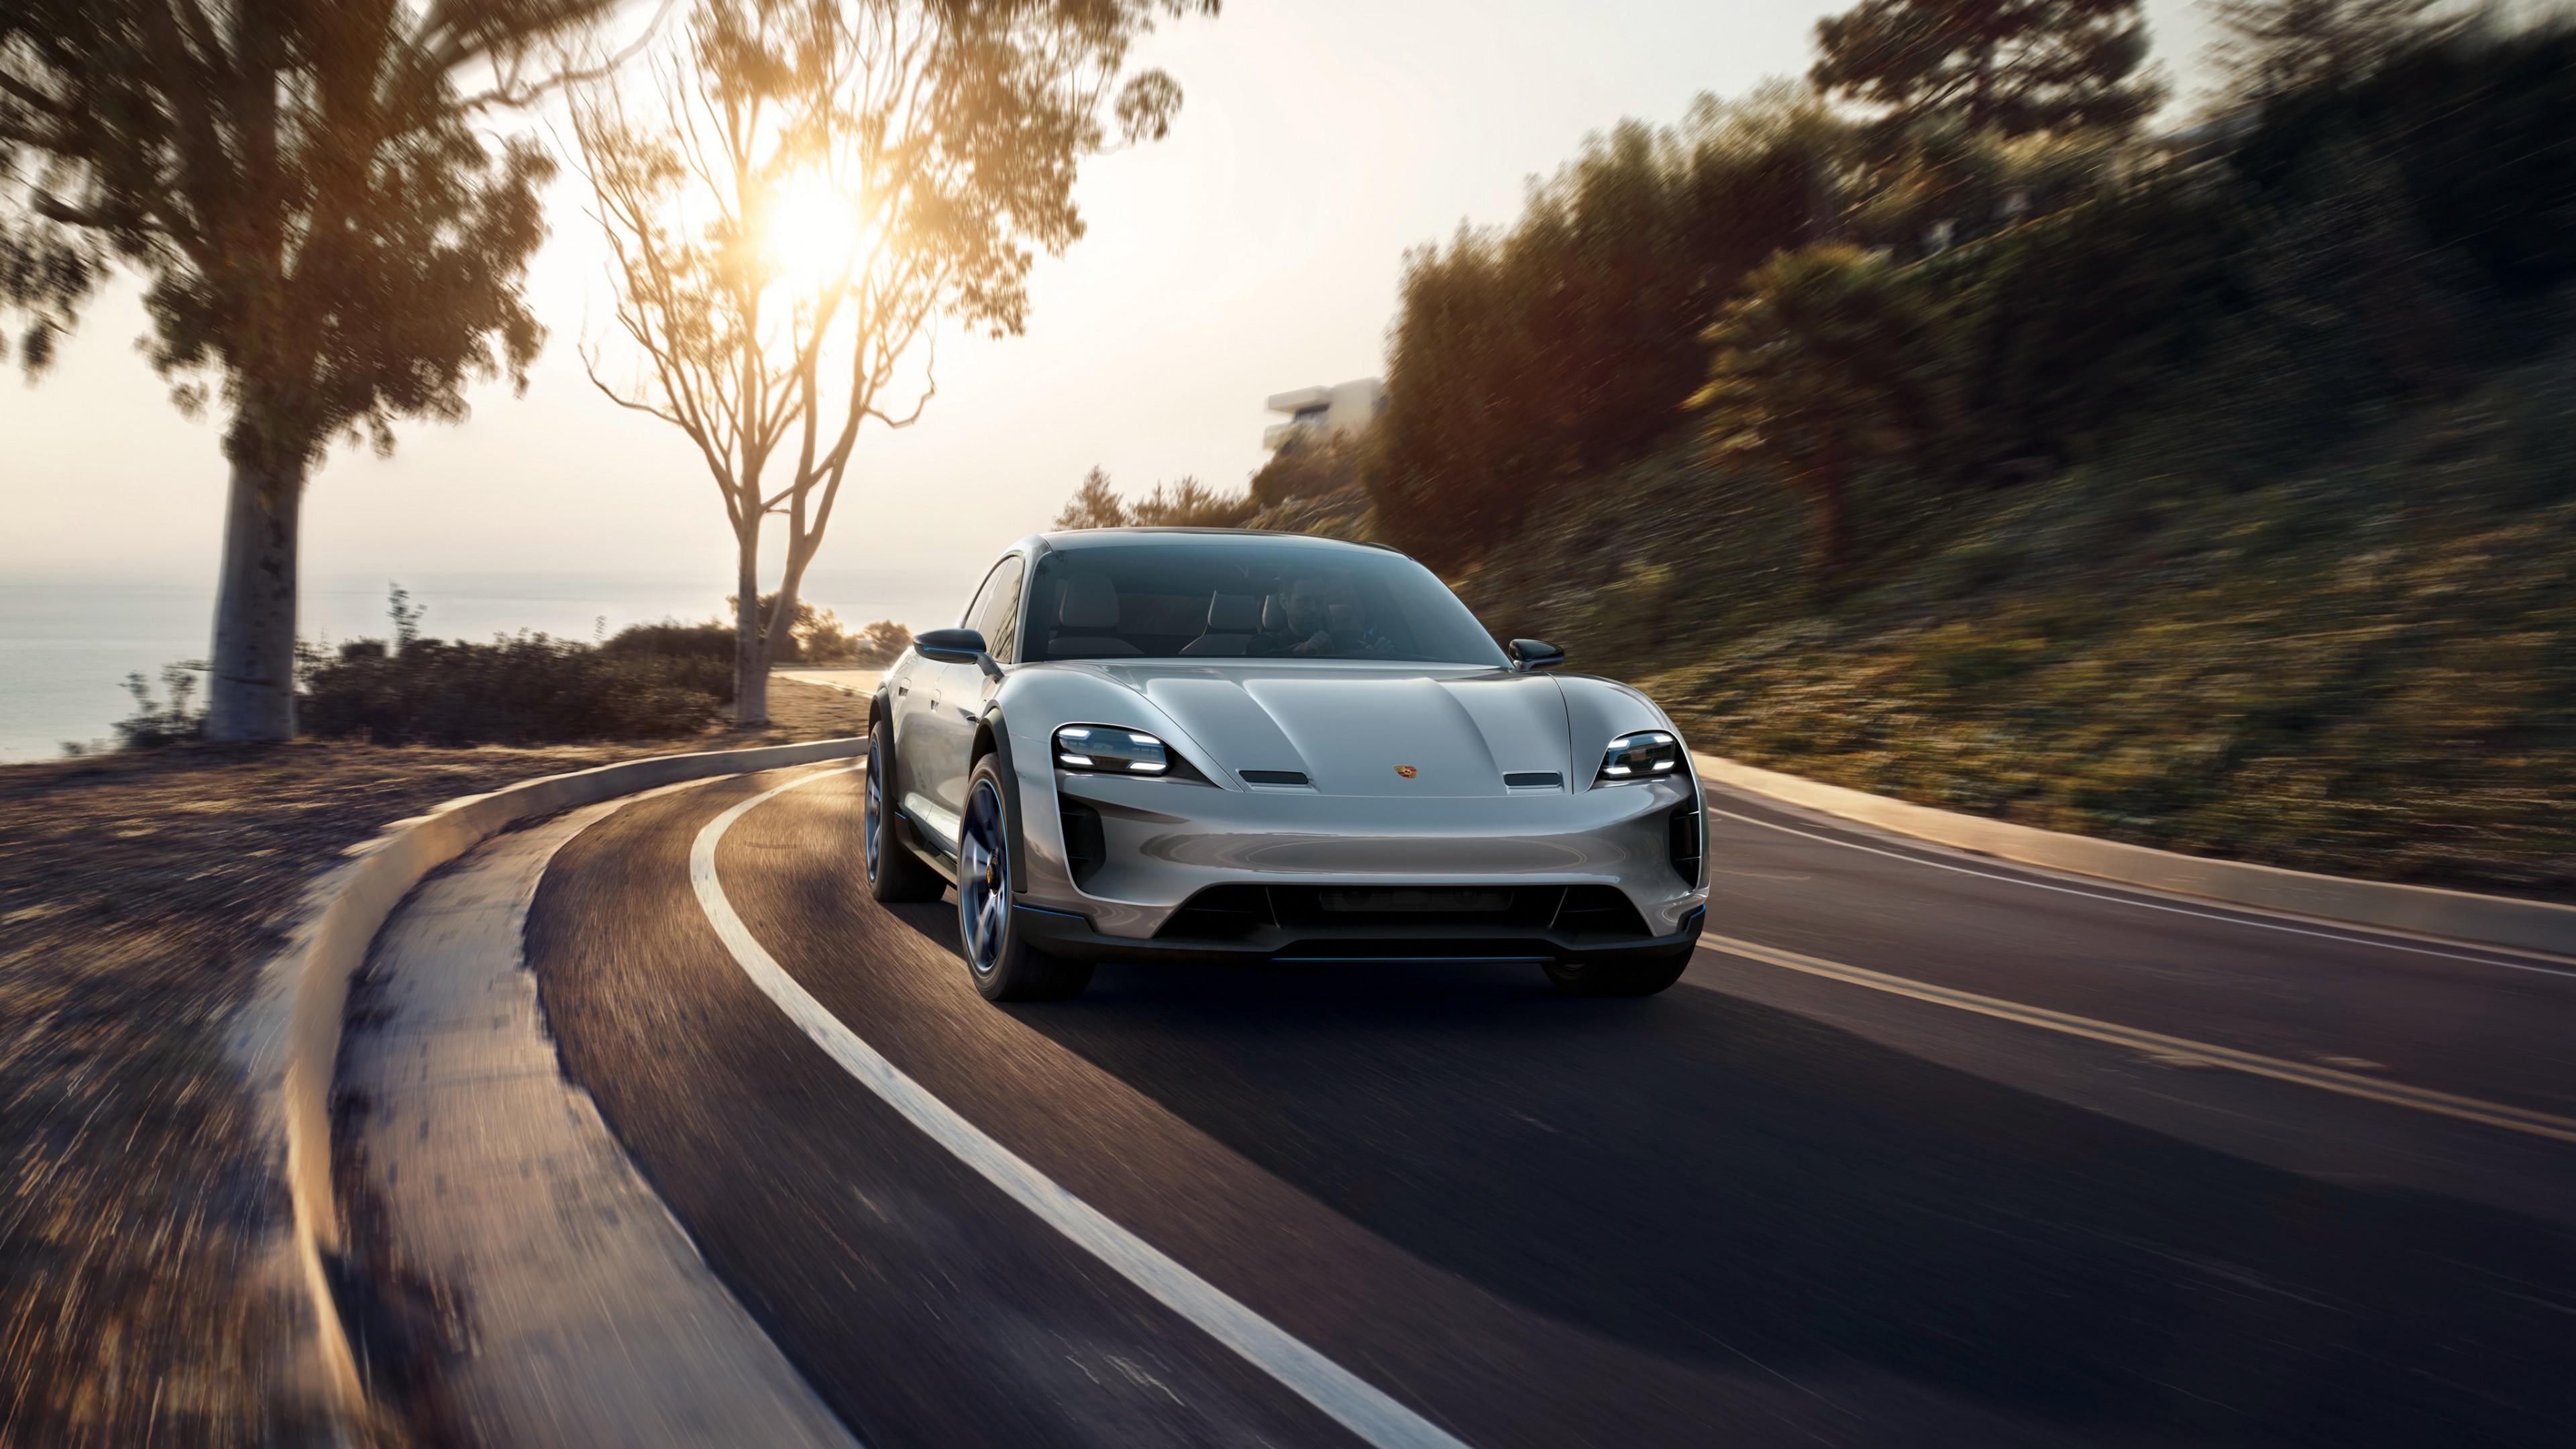 2018 Porsche Mission E Cross Turismo 4K 14 Wallpaper